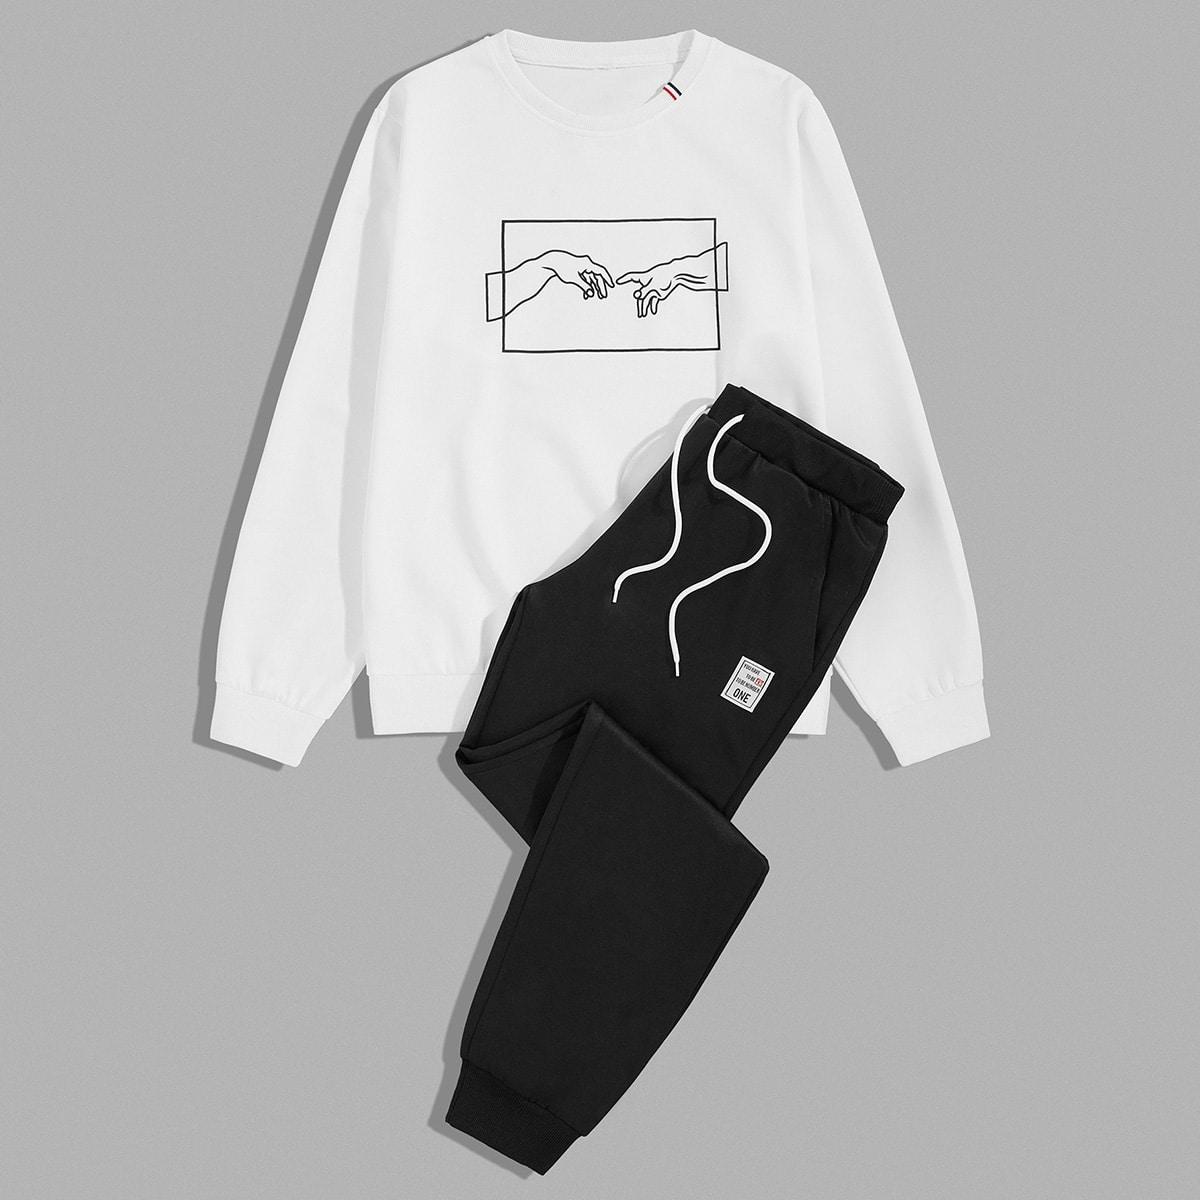 Мужской свитшот с принтом руки и спортивные брюки на кулиске от SHEIN